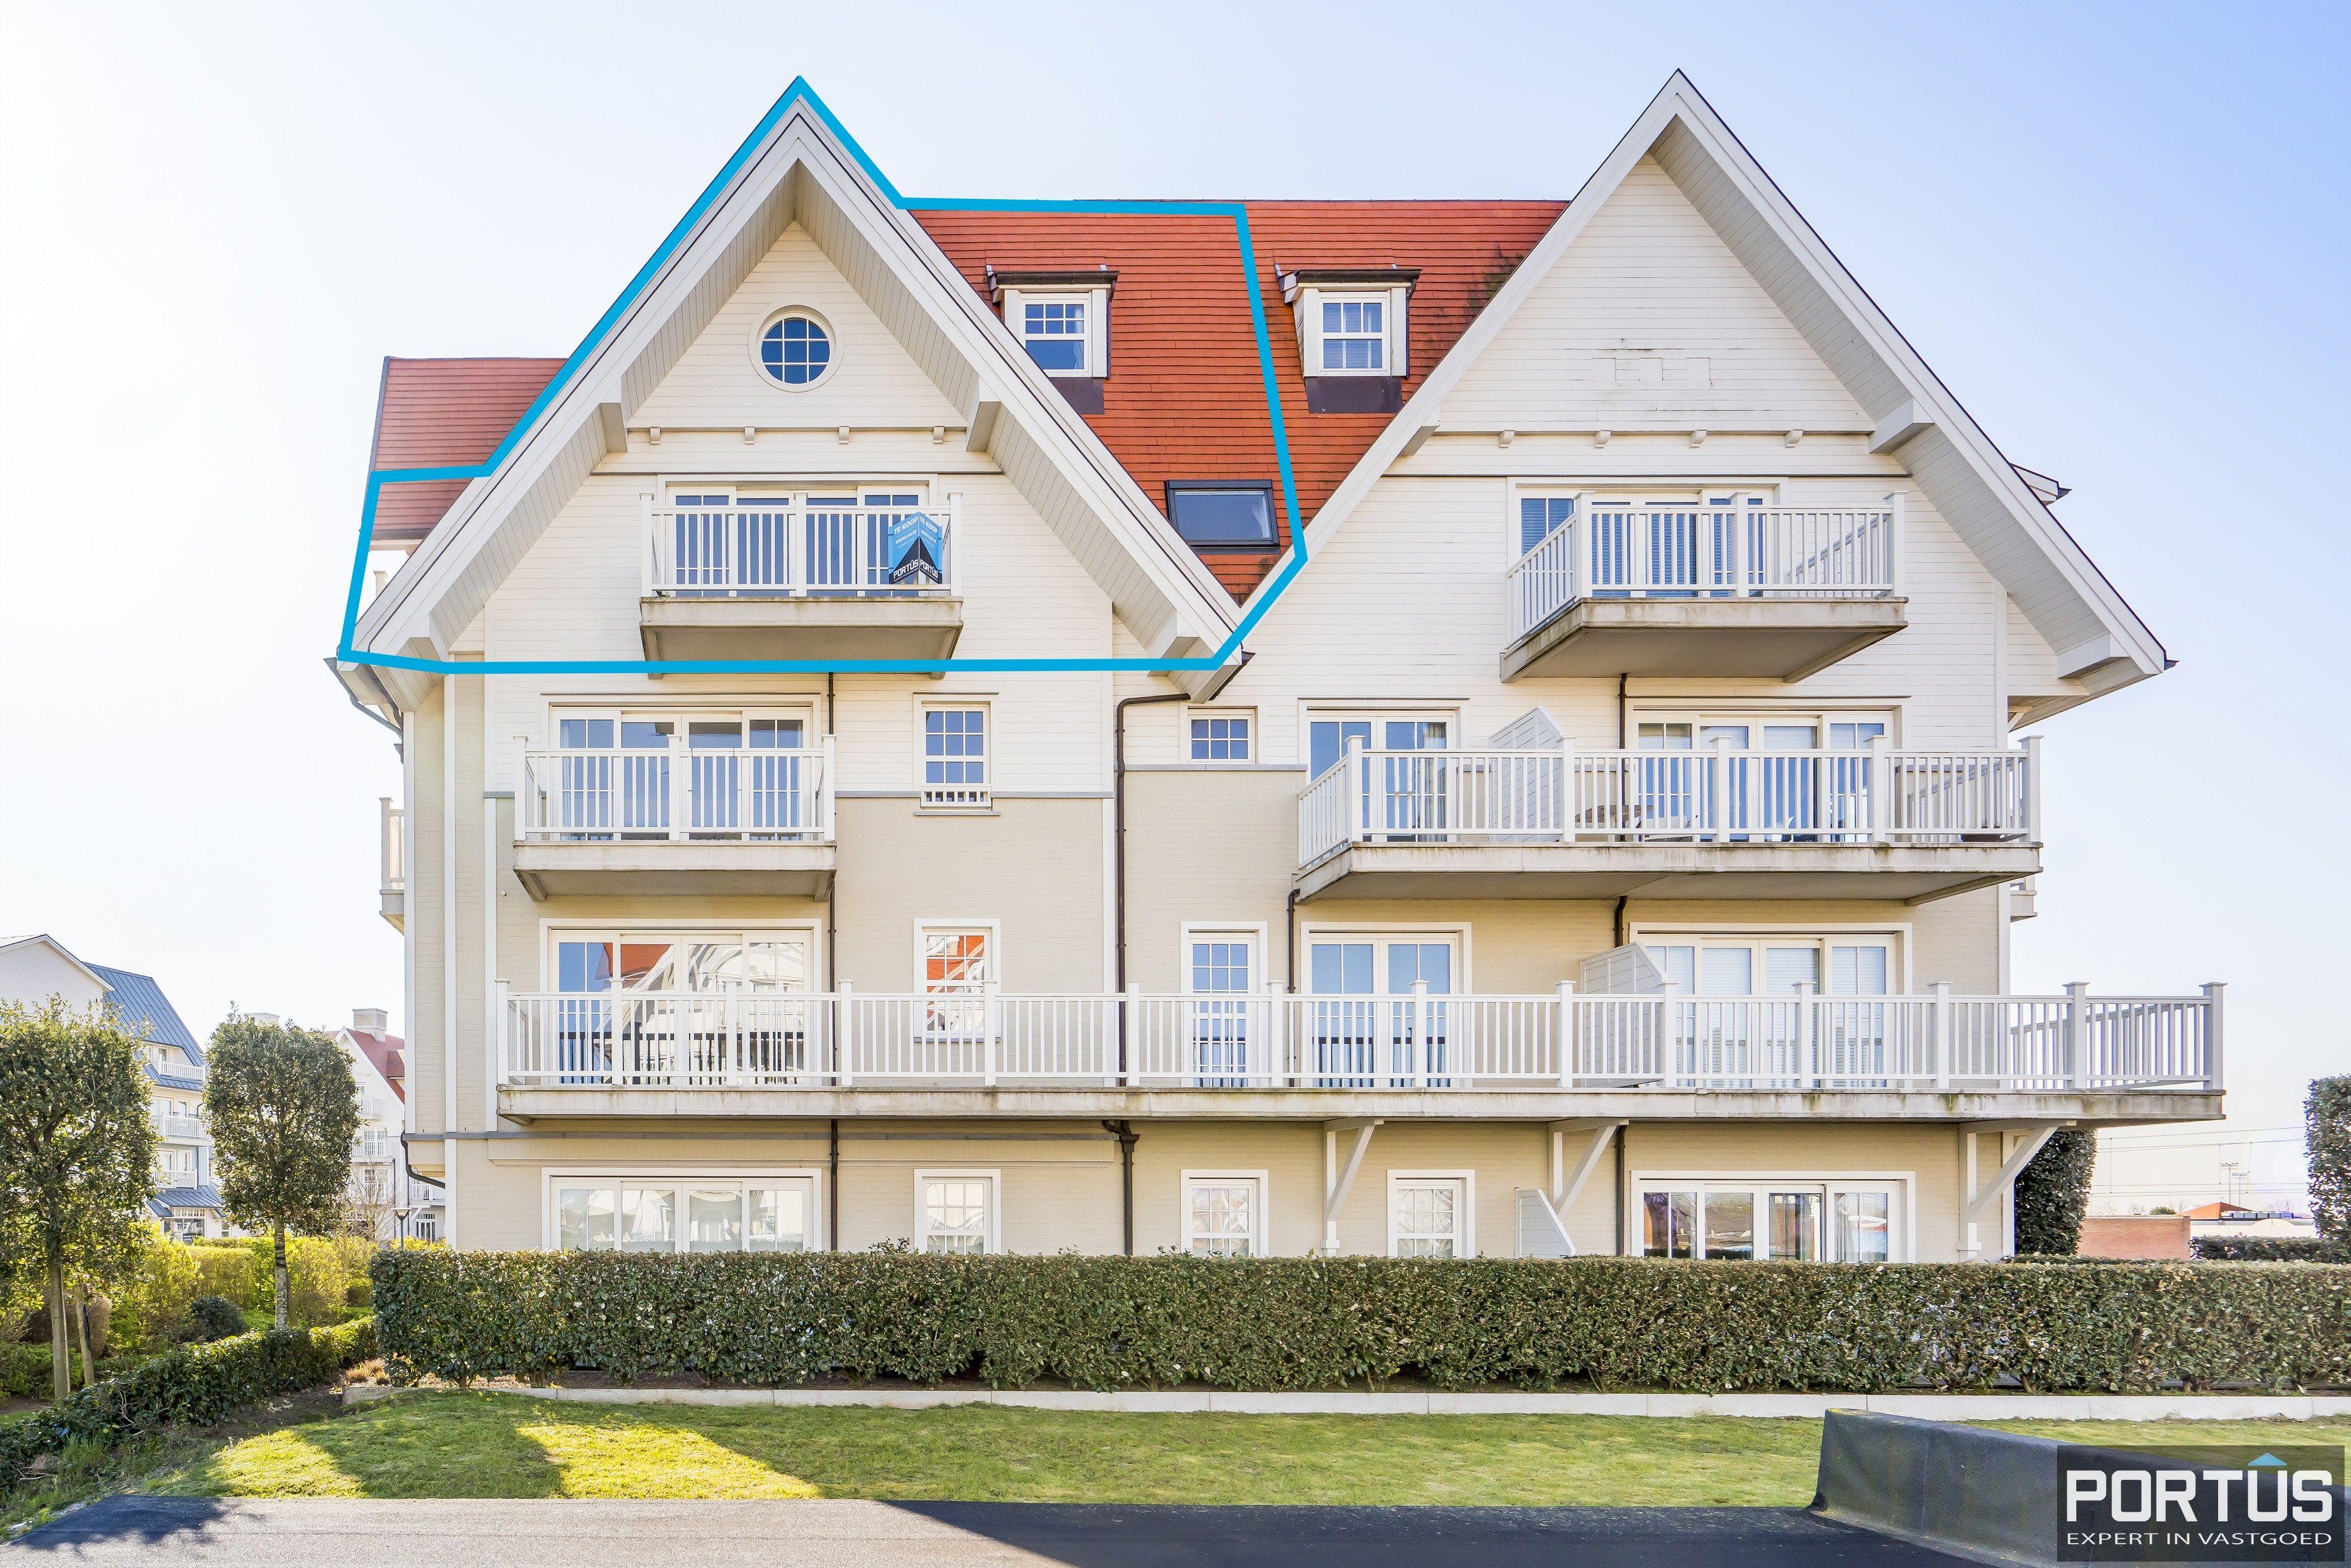 Instapklaar appartement te koop met prachtig zicht op Maritiem park te Nieuwpoort - 12583